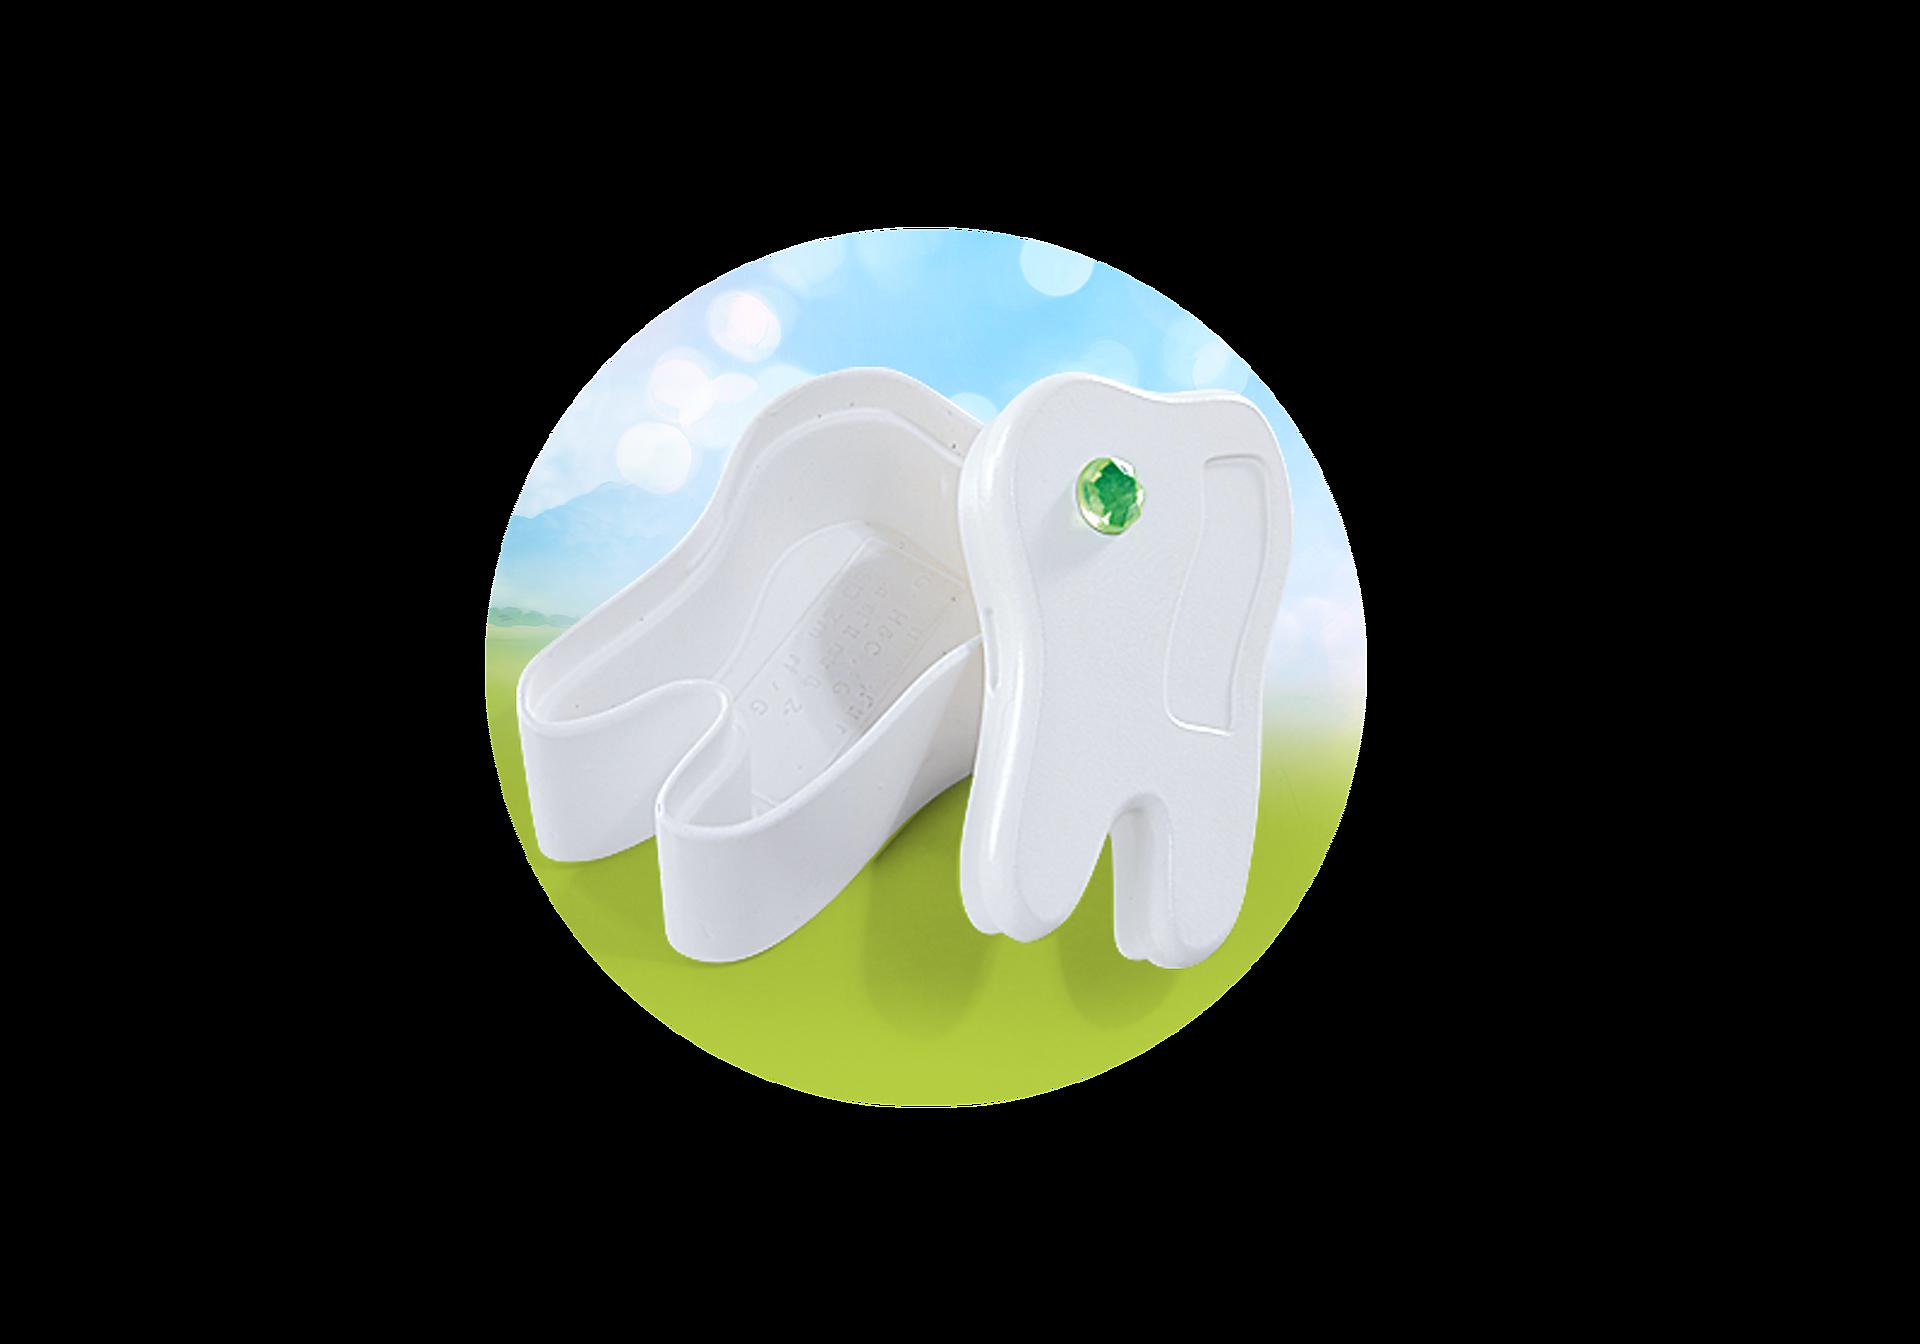 http://media.playmobil.com/i/playmobil/5381_product_extra1/Fée avec boîte à dents de lait